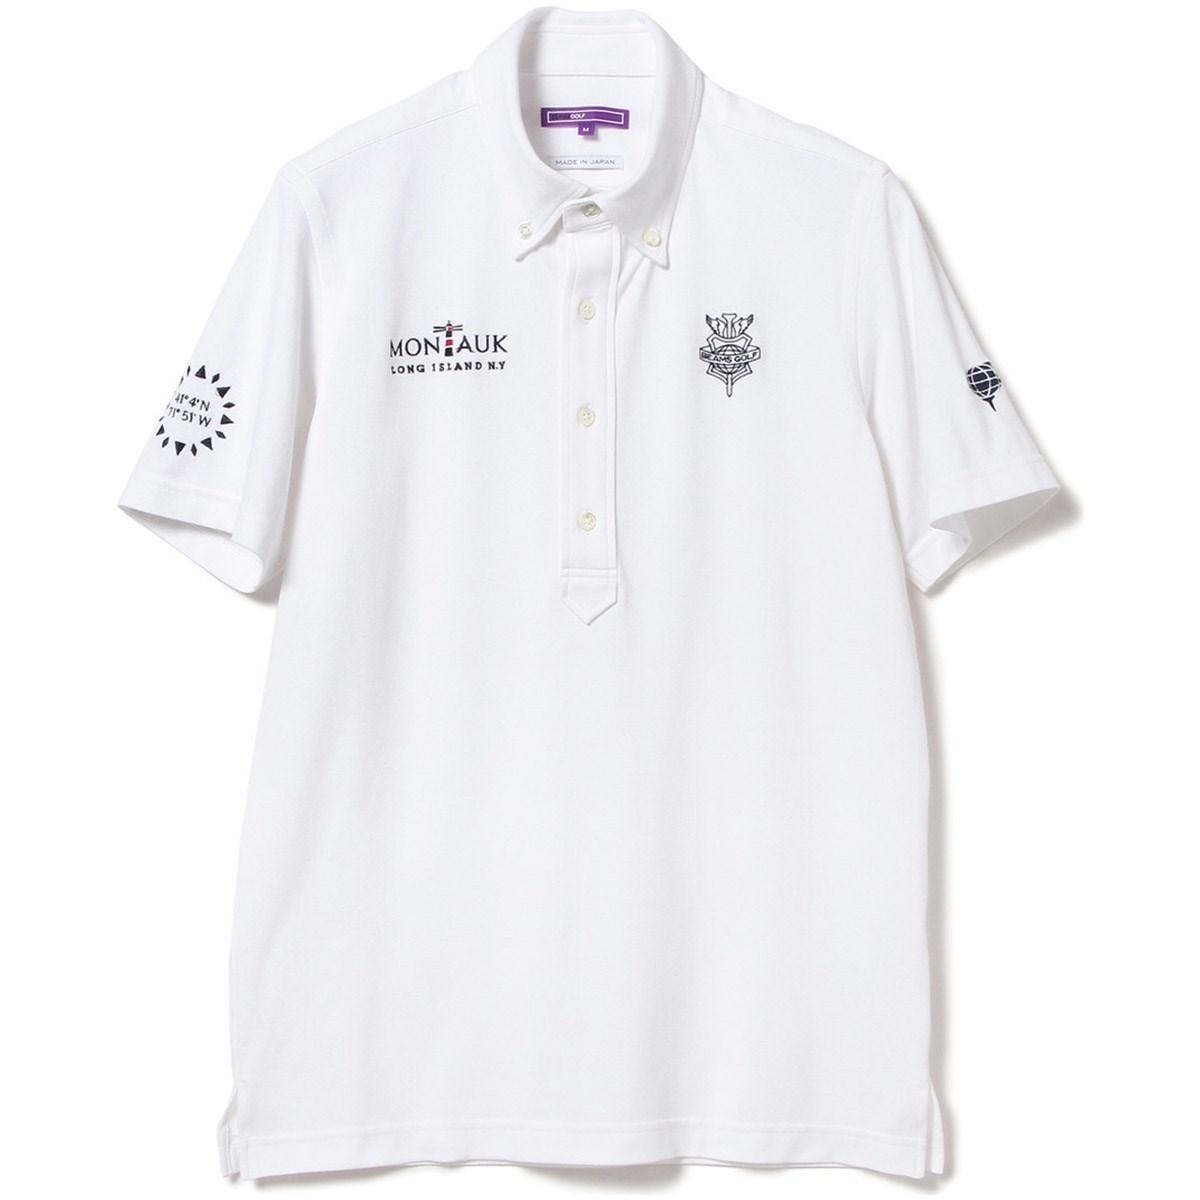 ビームスゴルフ BEAMS GOLF PURPLE LABEL MONTAUK ボタンダウン ポロシャツ